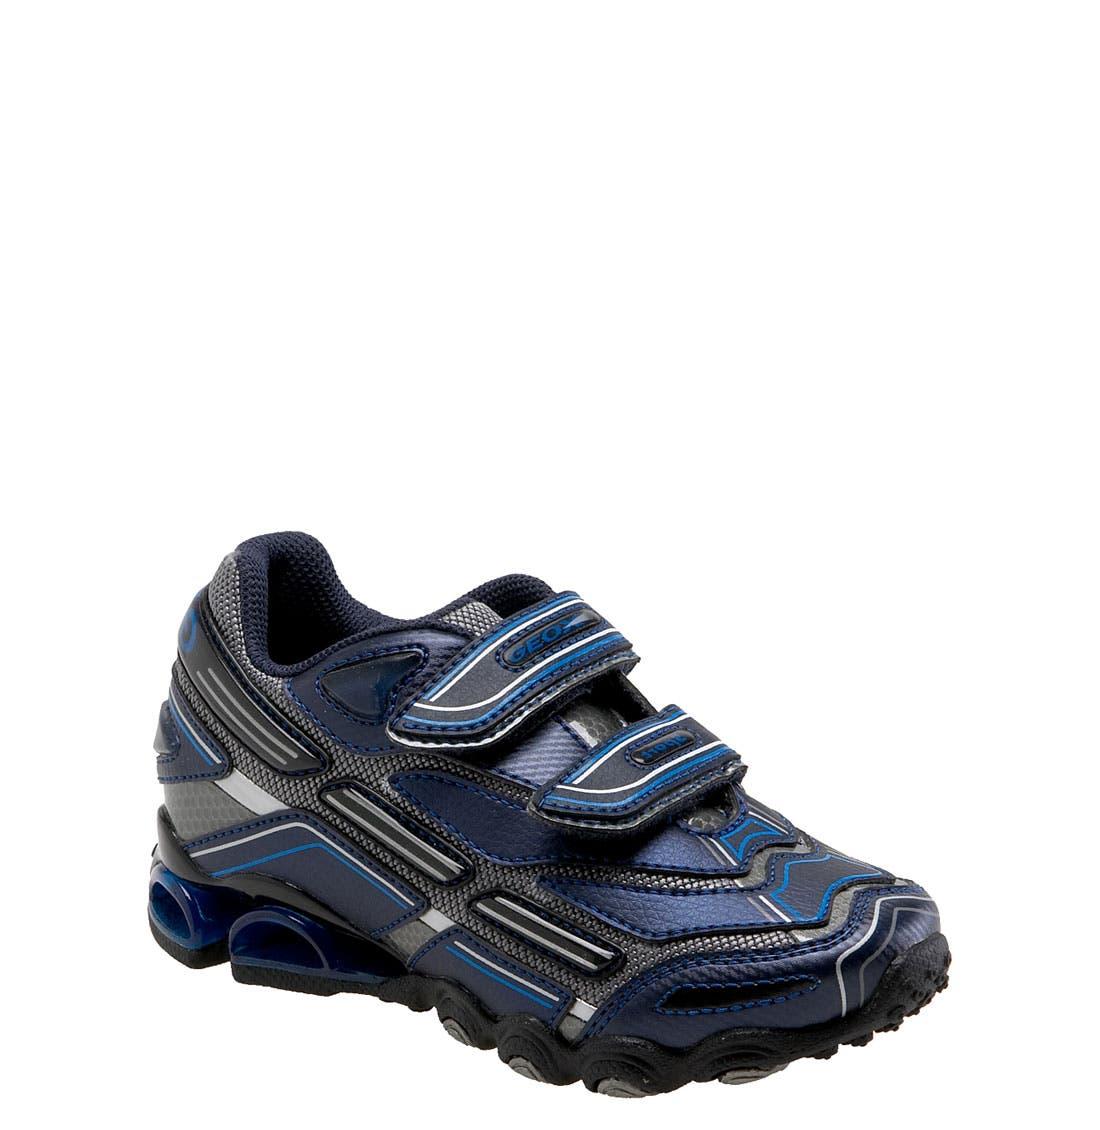 Main Image - Geox 'Tornado' Sneaker (Toddler, Little Kid & Big Kid)